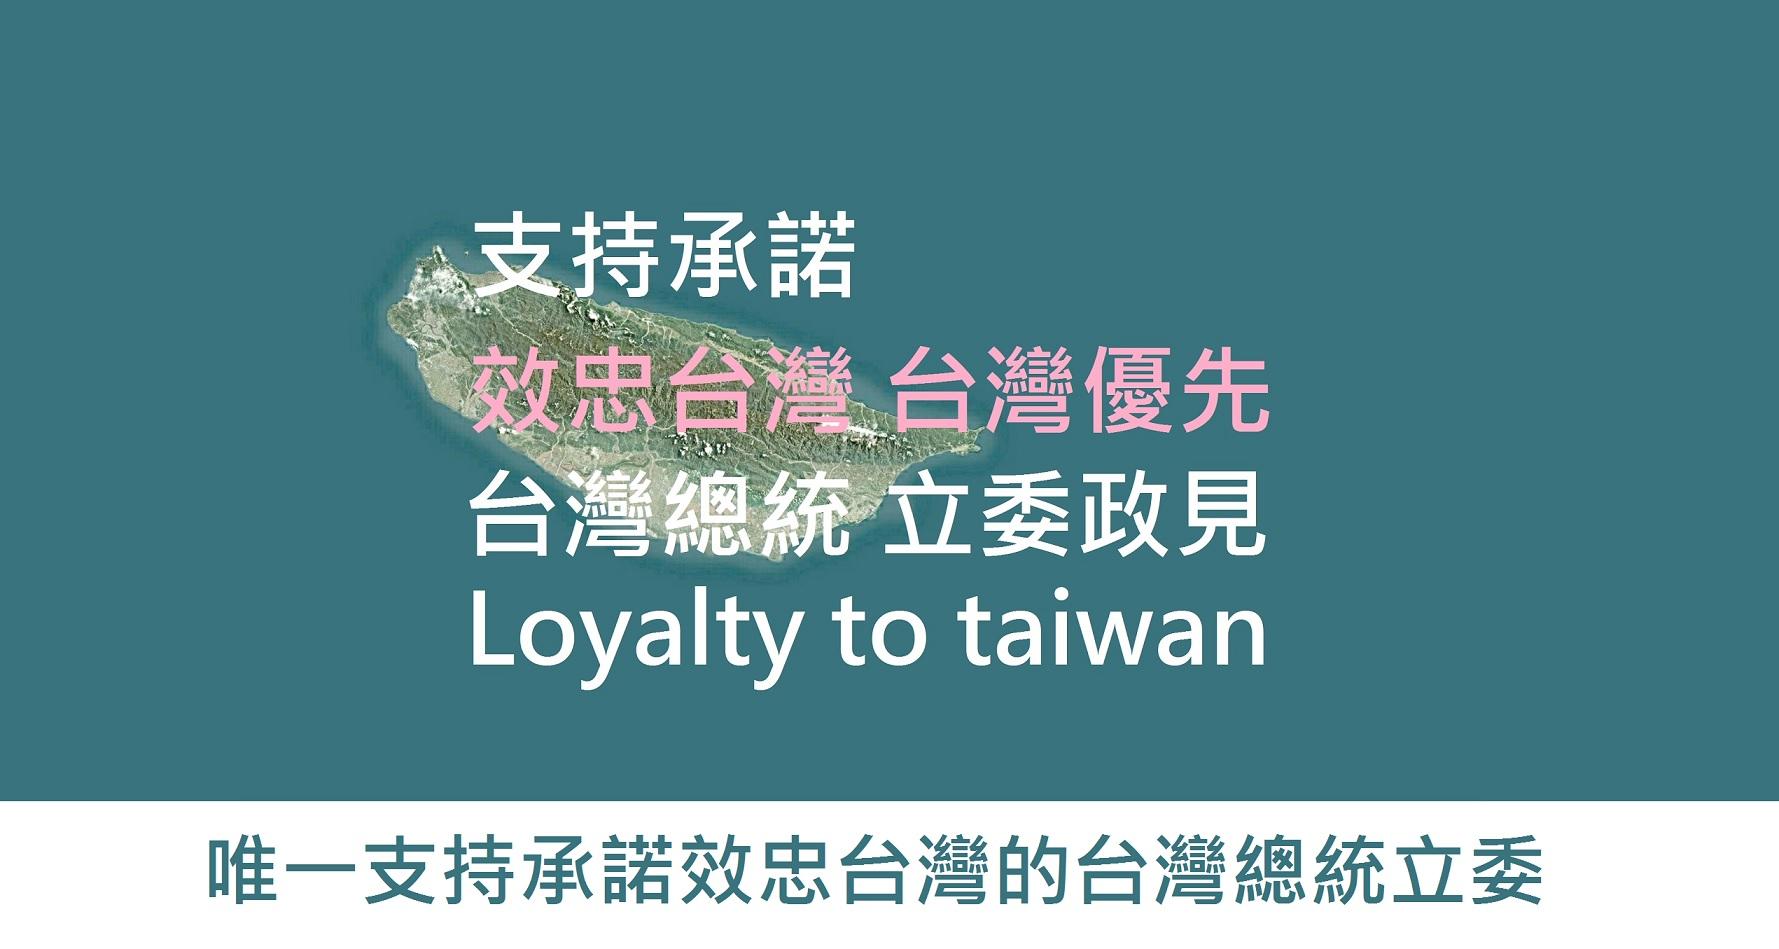 支持承諾 效忠台灣台灣優先的台灣總統立委政見 loyalty to taiwan